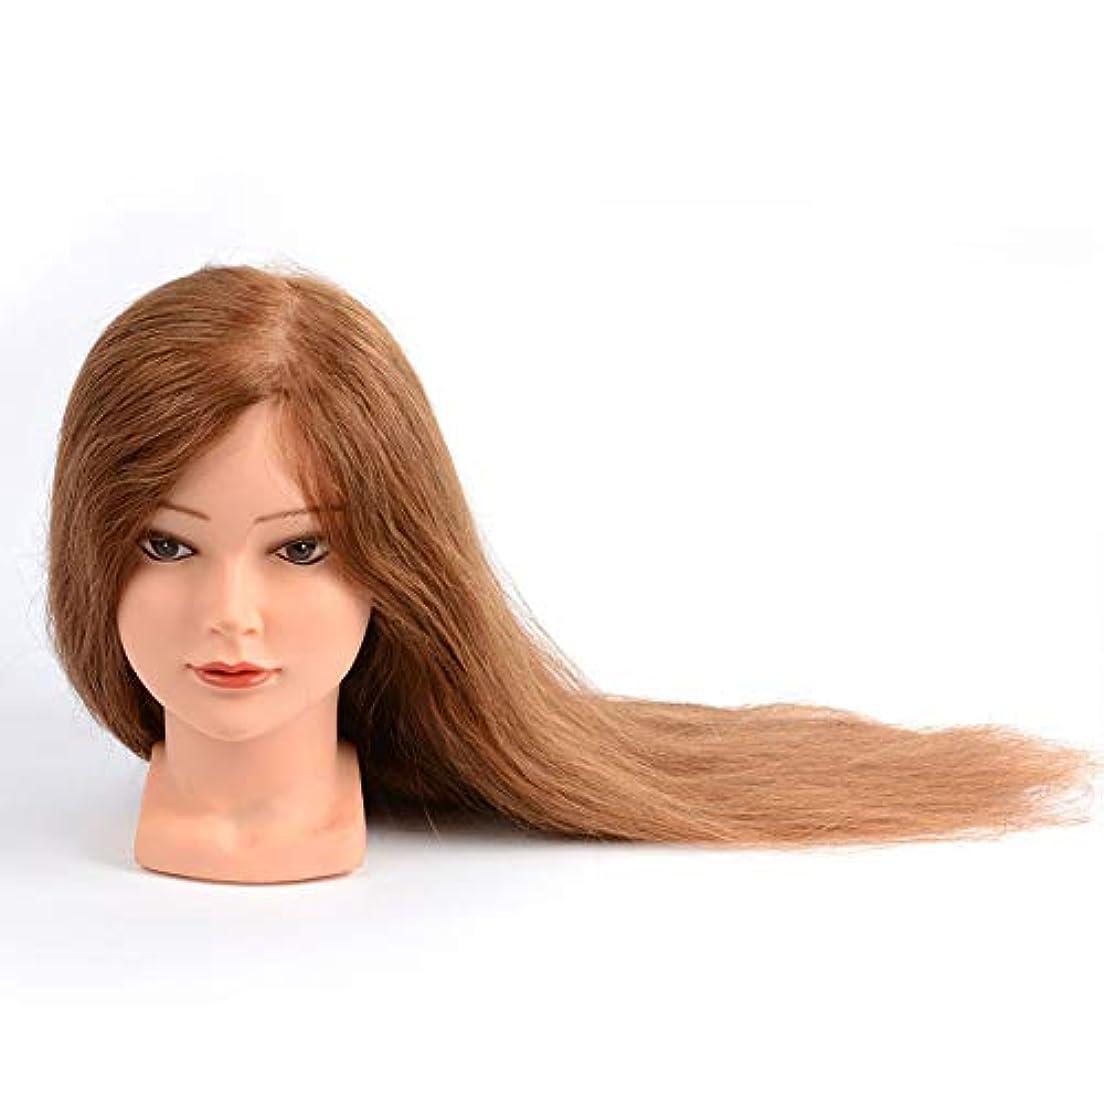 良心的喜ぶ集中ゴールデンプラクティスマネキンヘッドブライダルメイクスタイリングプラクティスダミーヘッドヘアサロン散髪指導ヘッドは染めることができます漂白